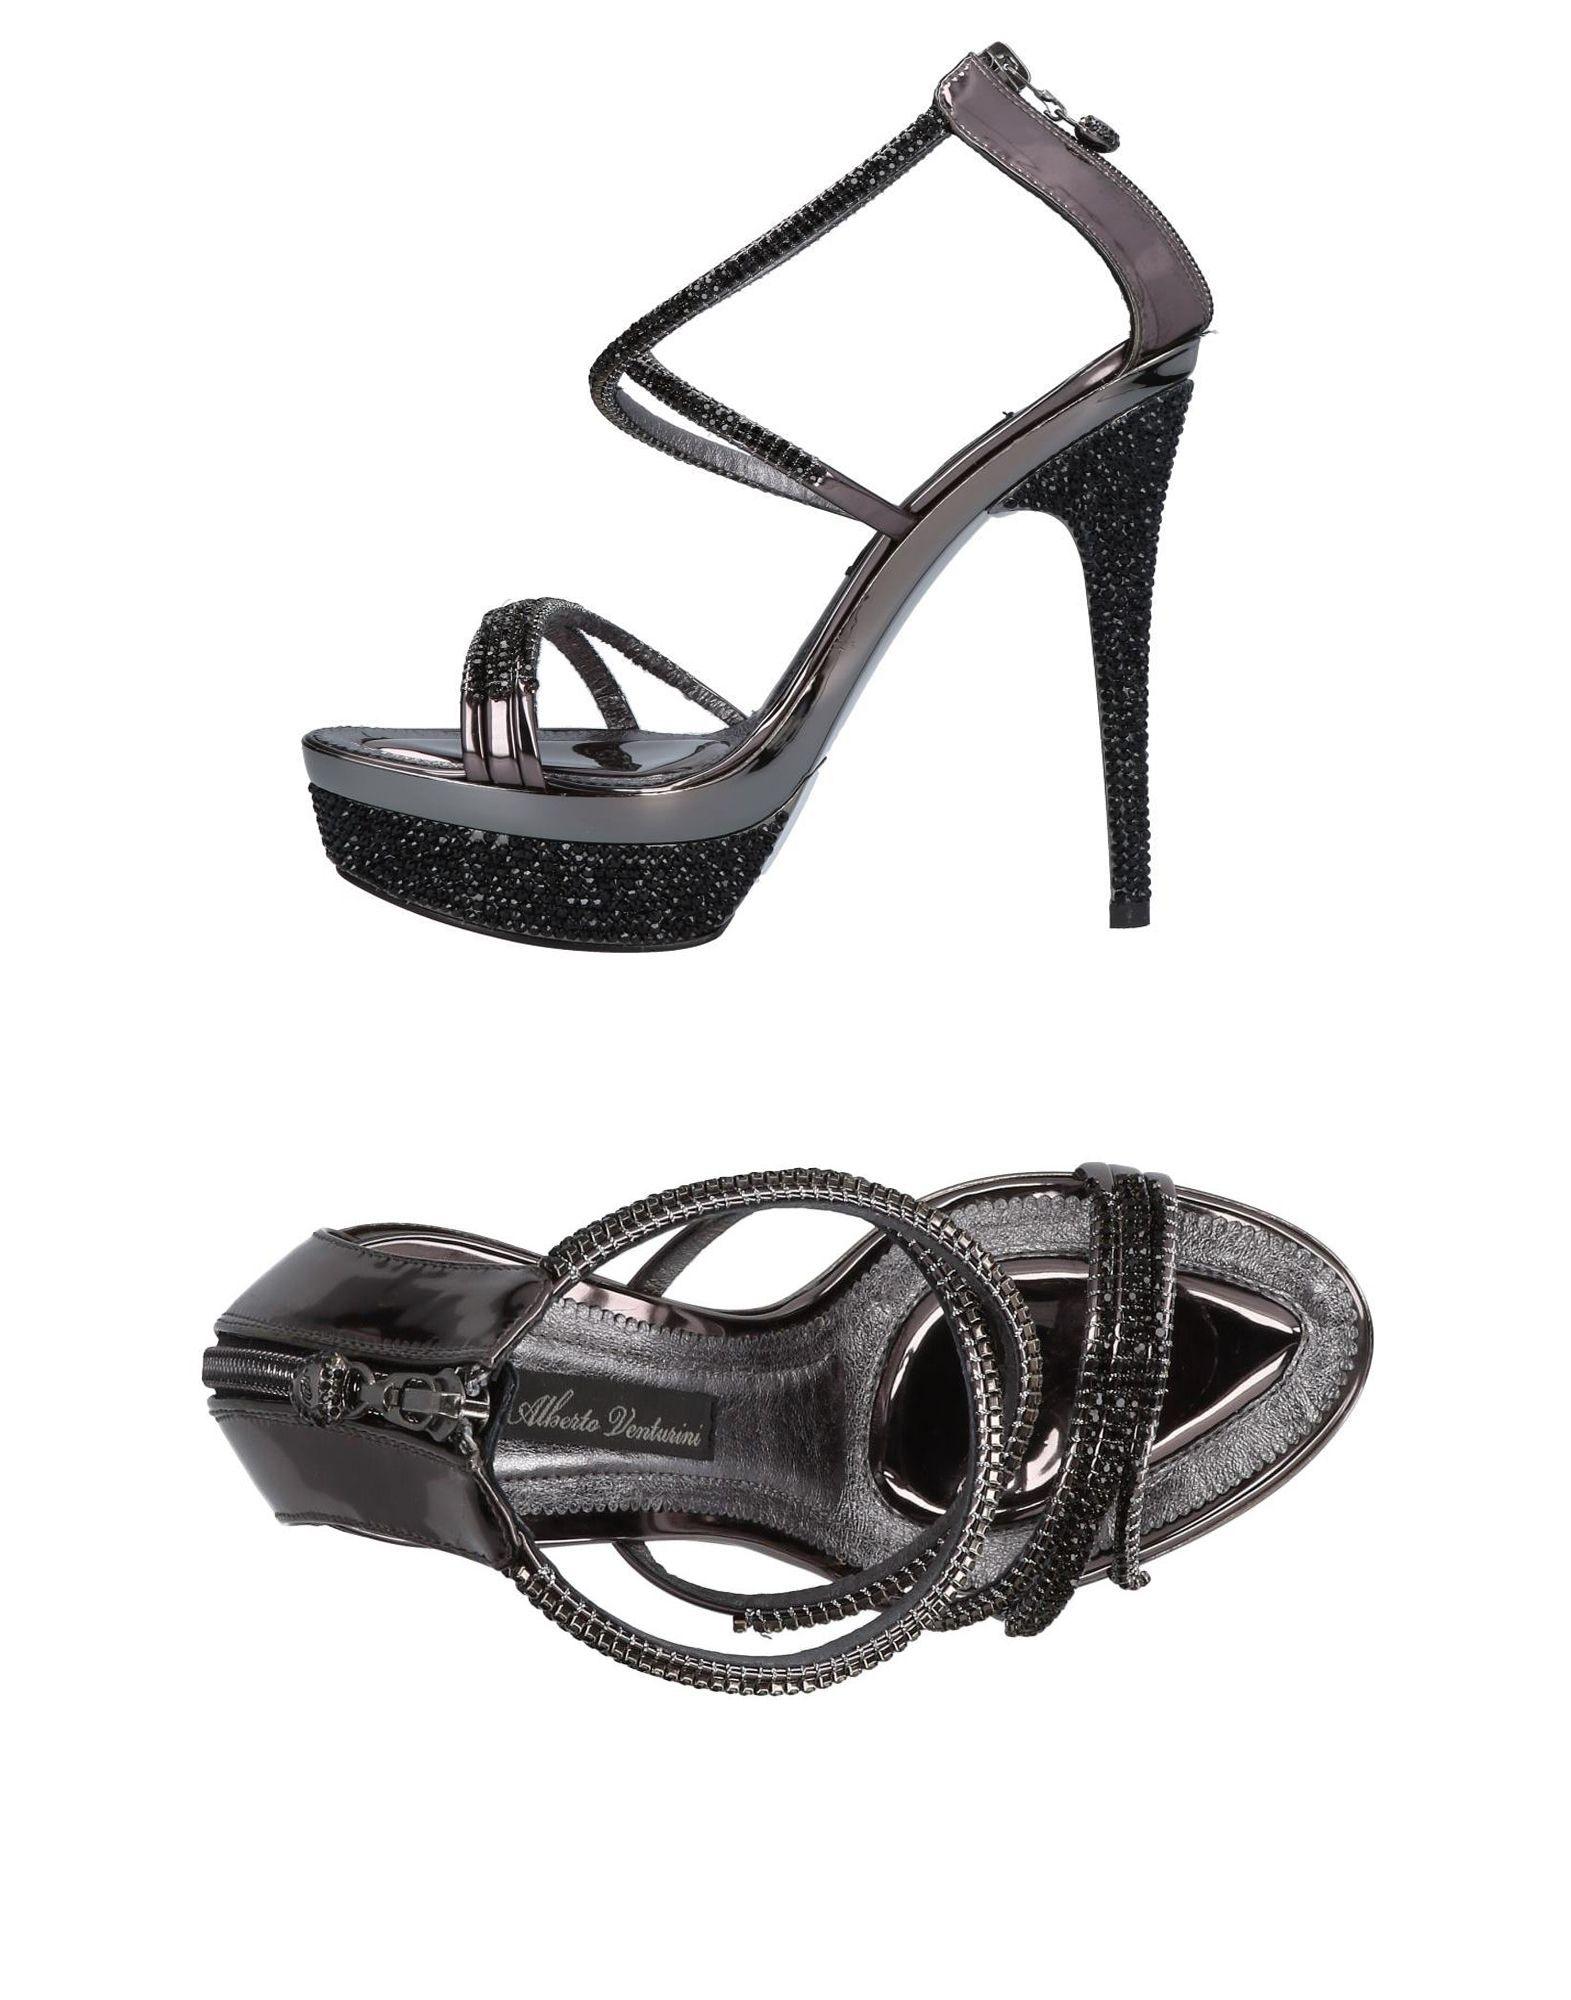 Alberto Venturini Sandalen Damen Neue  11483885IF Neue Damen Schuhe 85ad20